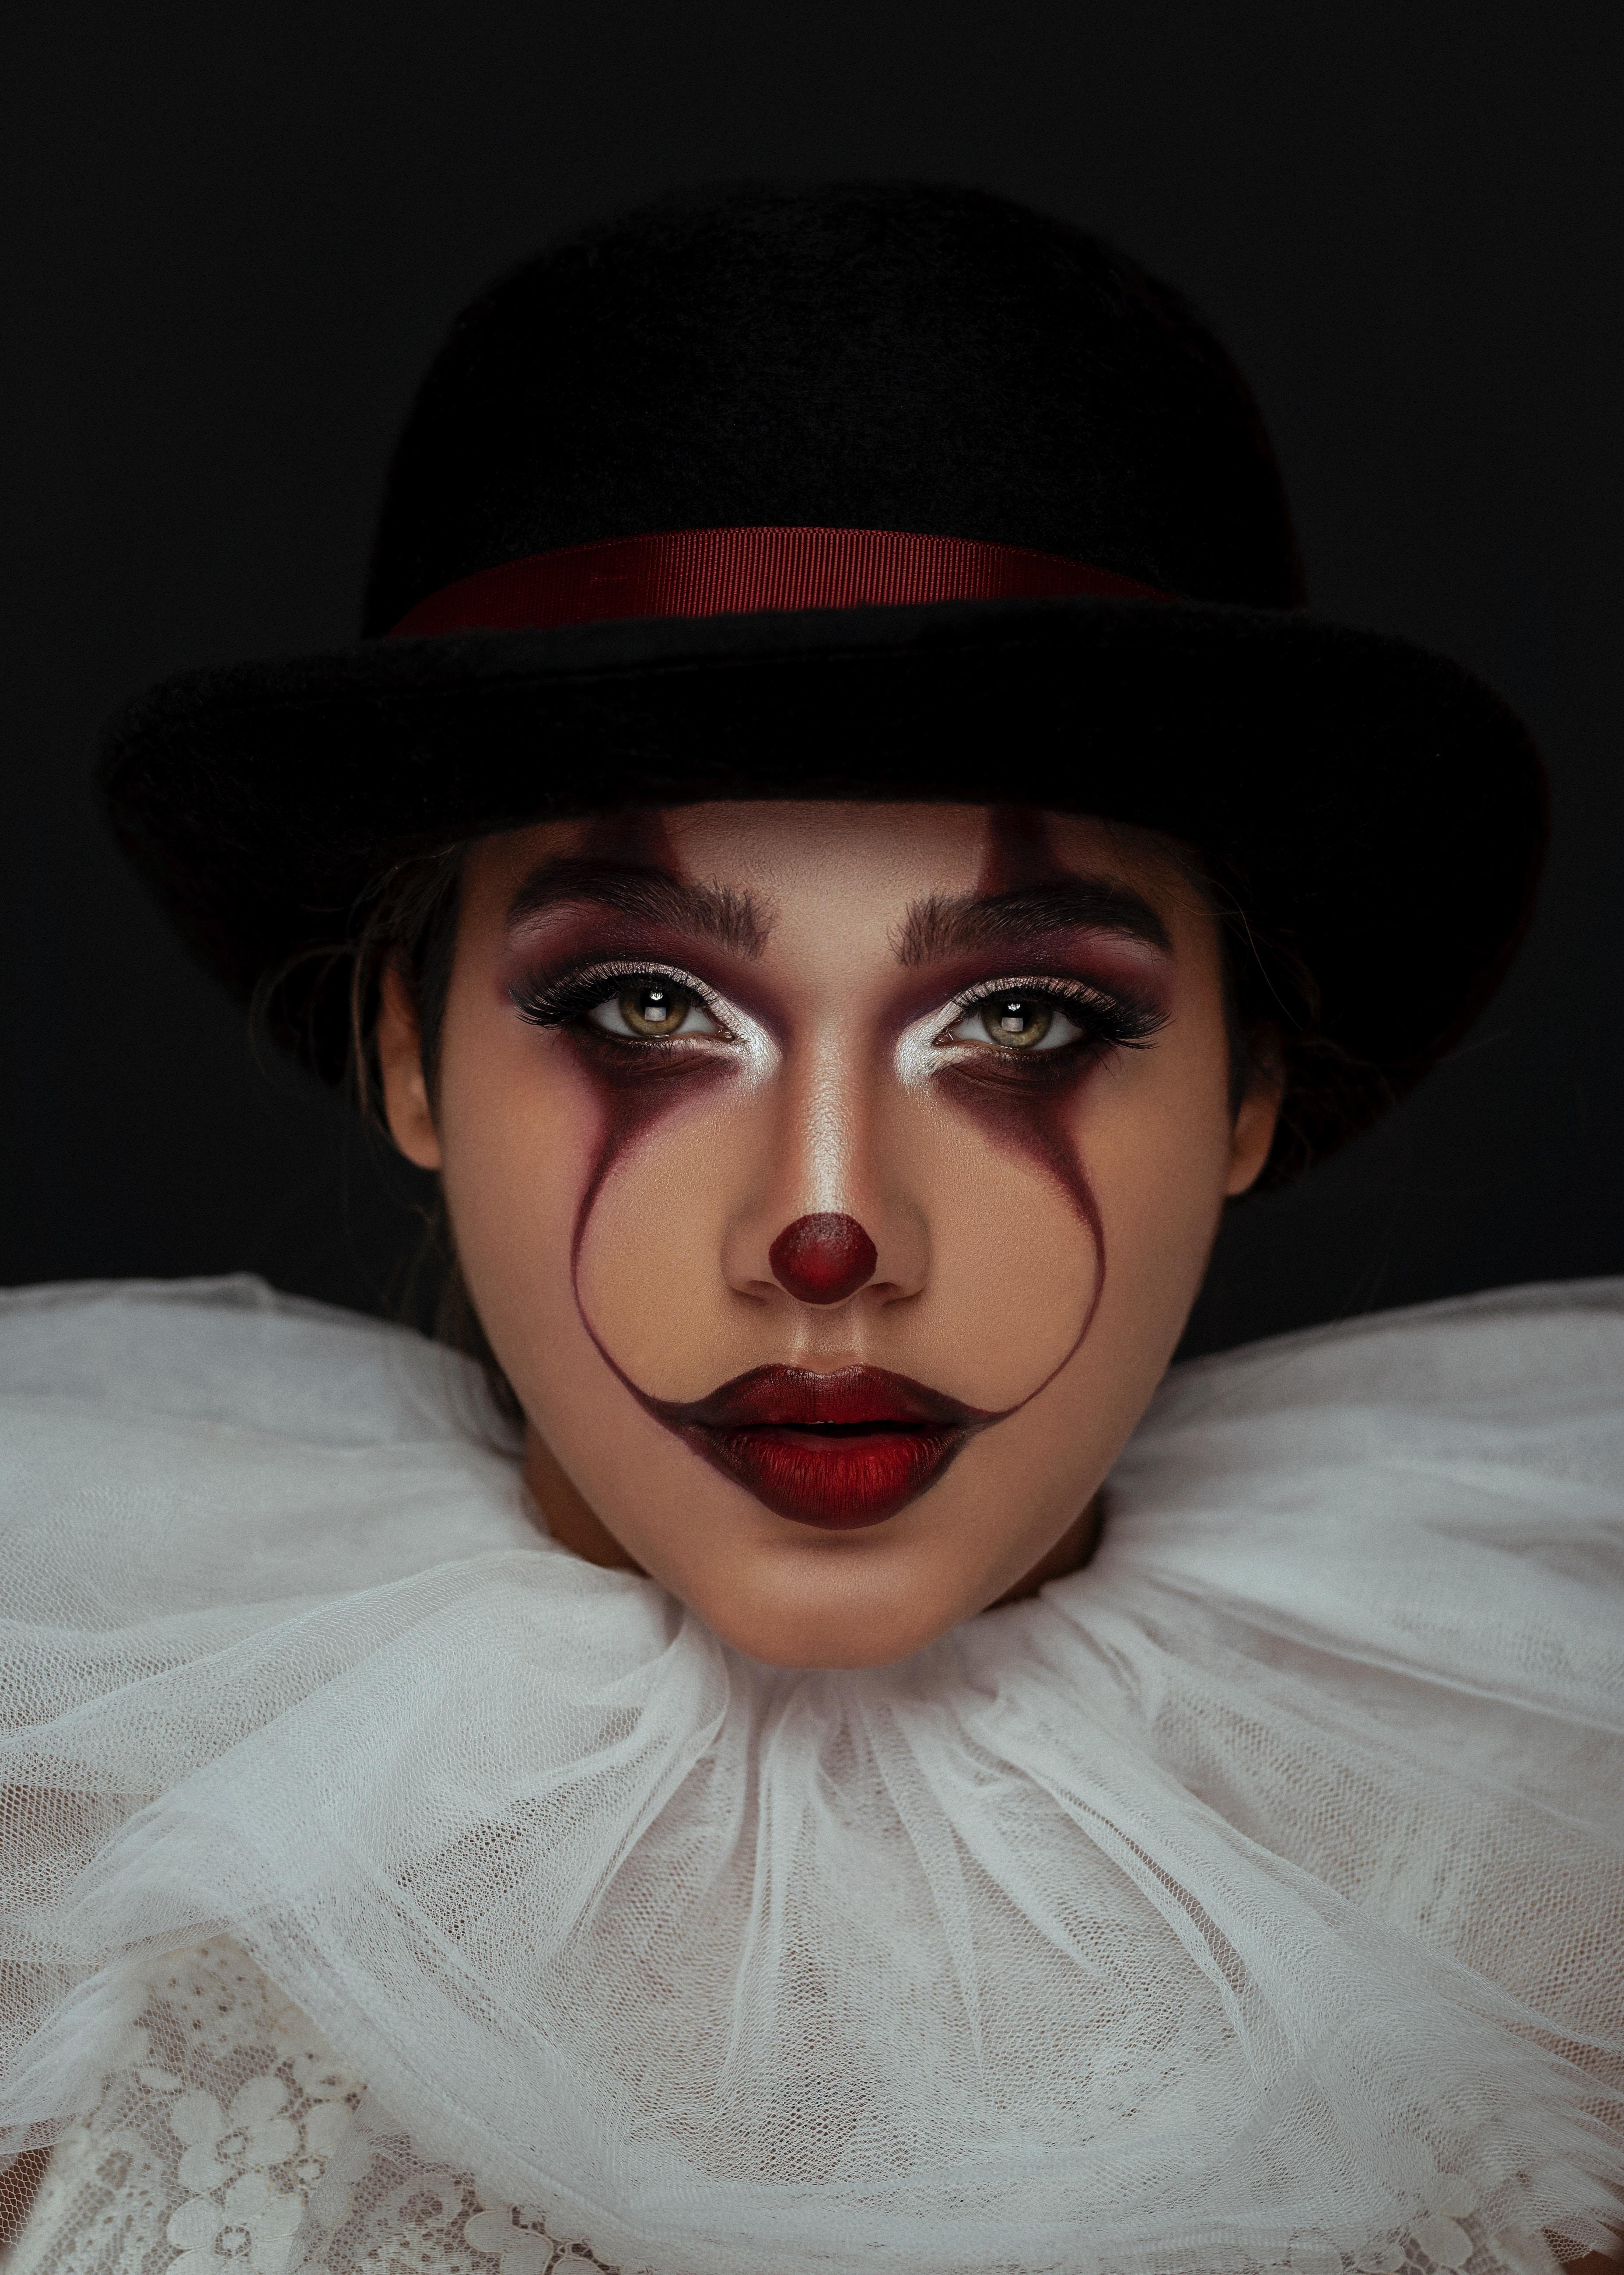 144491 免費下載壁紙 杂项, 女孩, 小丑, 脸, 脸部, 画, 油漆, 化妆品, 化妆 屏保和圖片